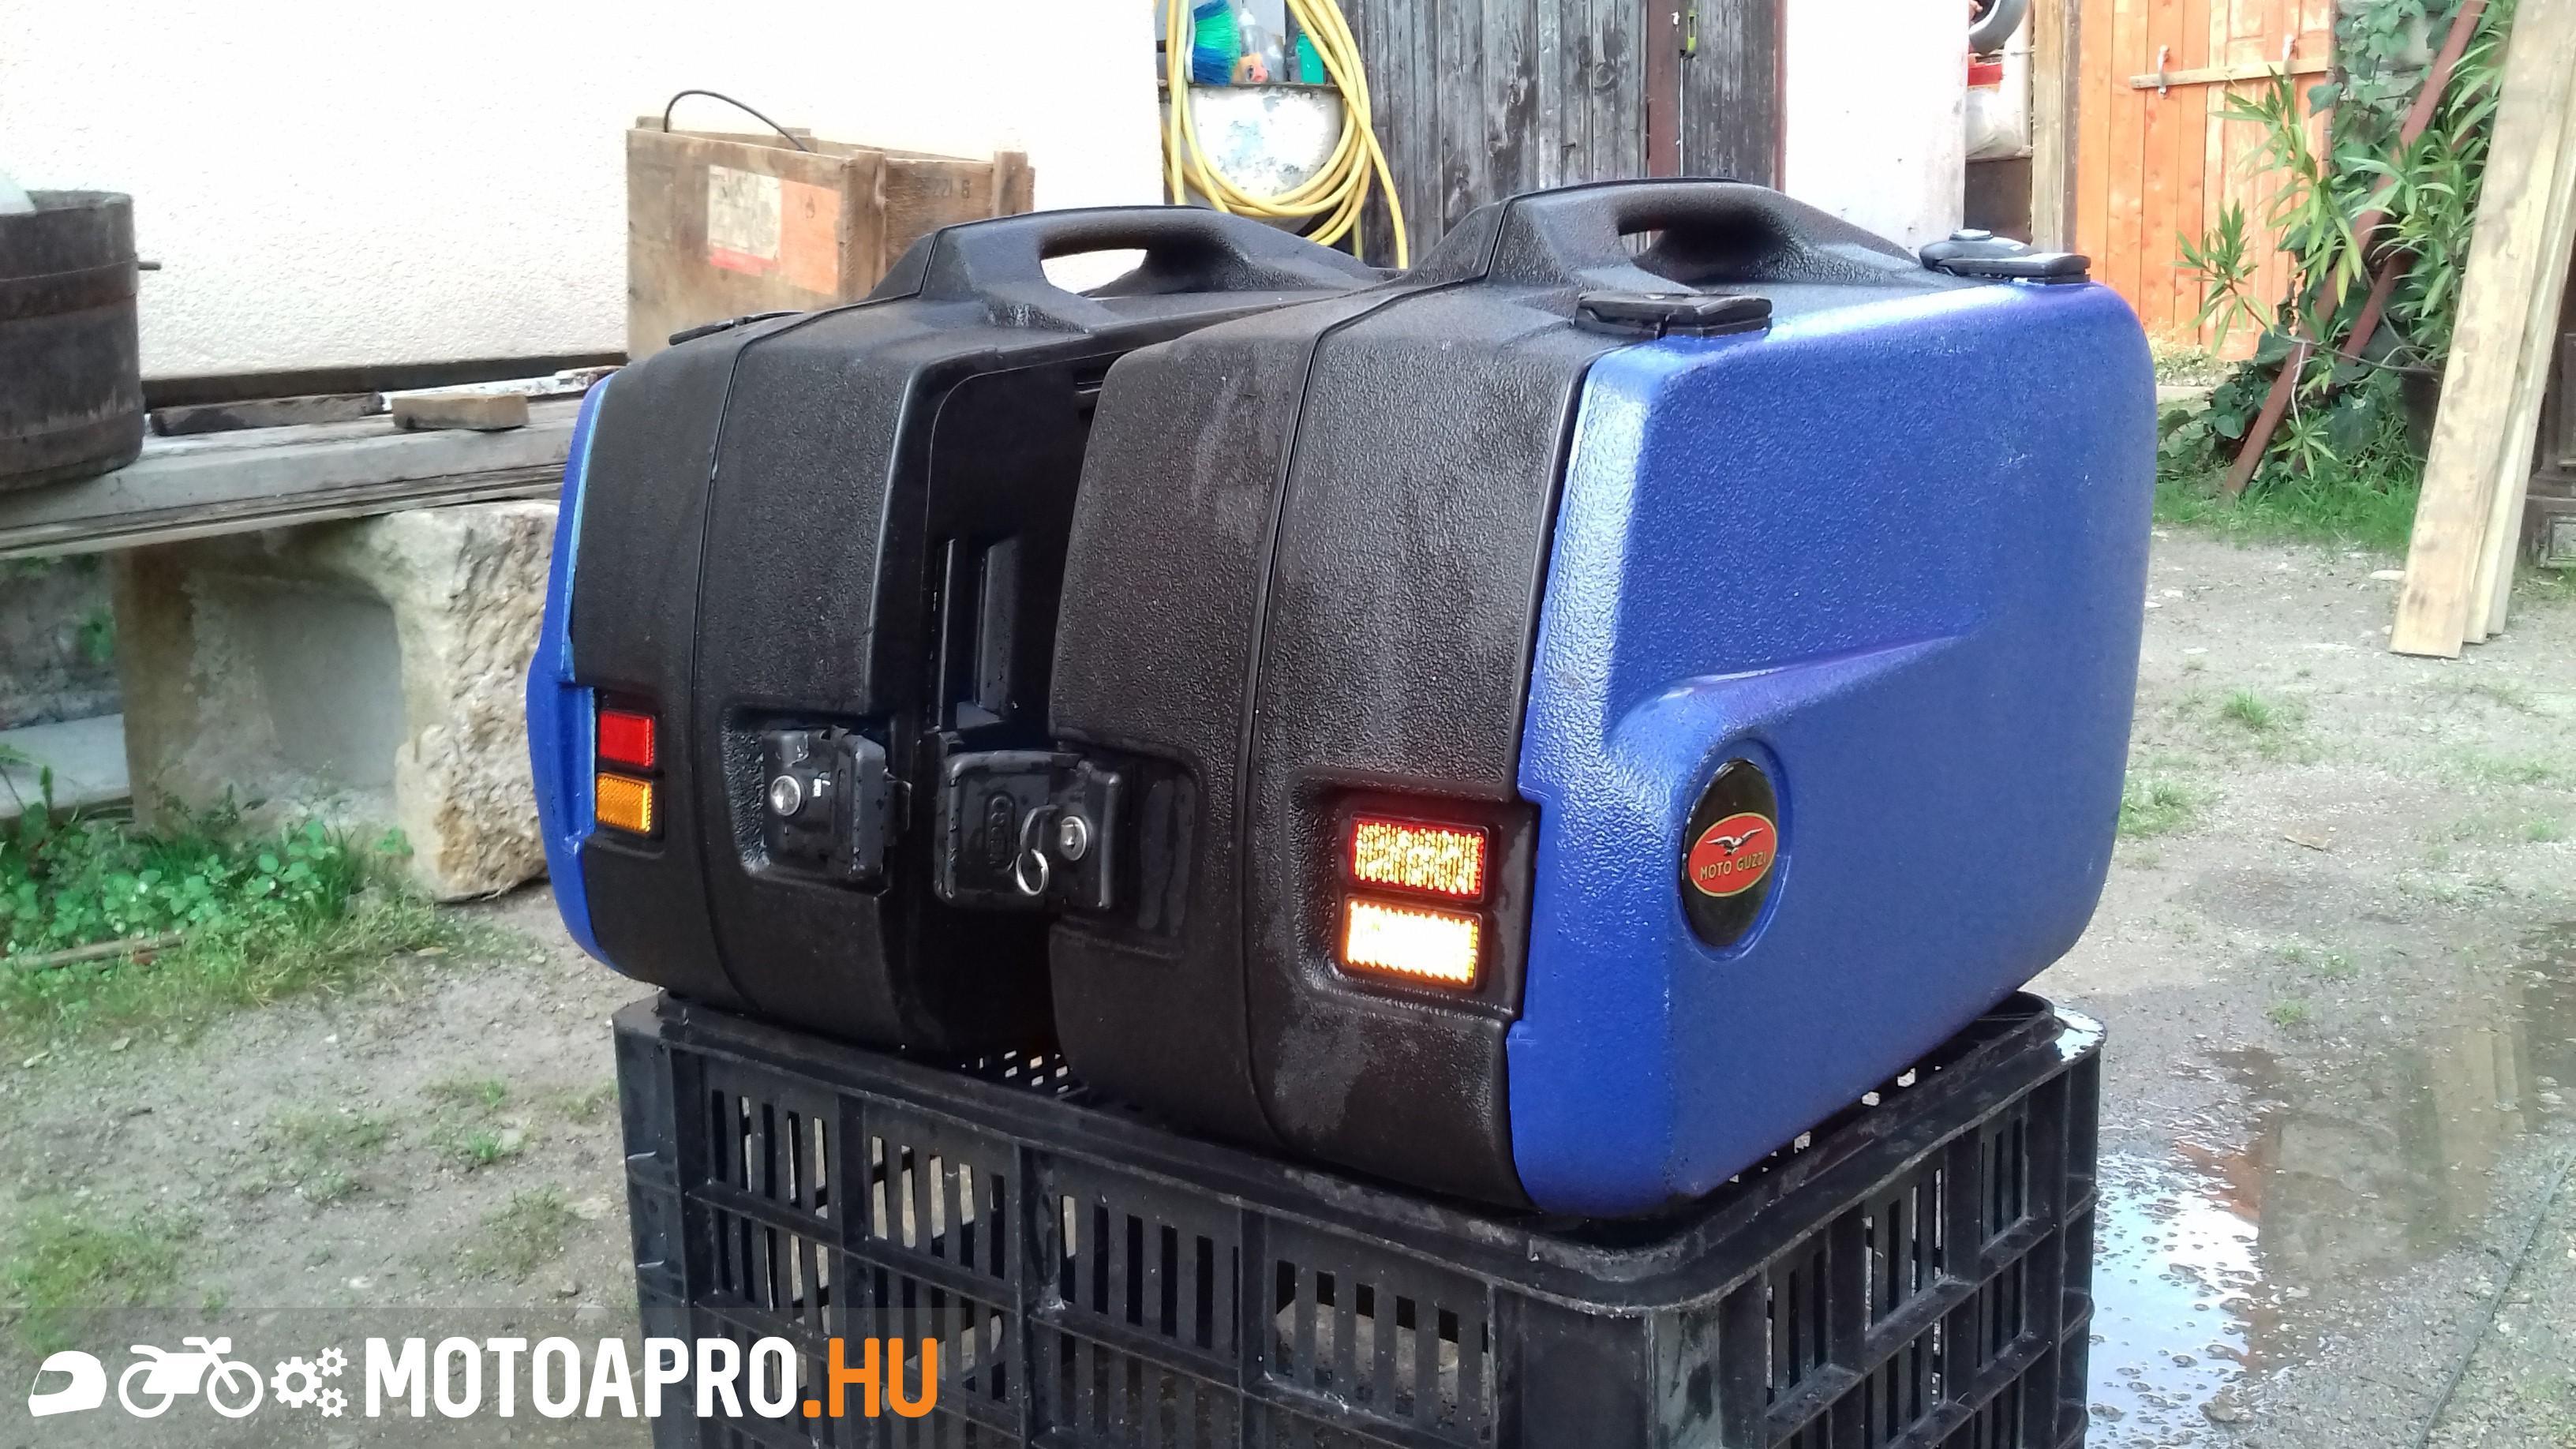 f56973c49319 oldaldoboz pár Hepco & Becker felfogatású eladó | motoapro.hu ...